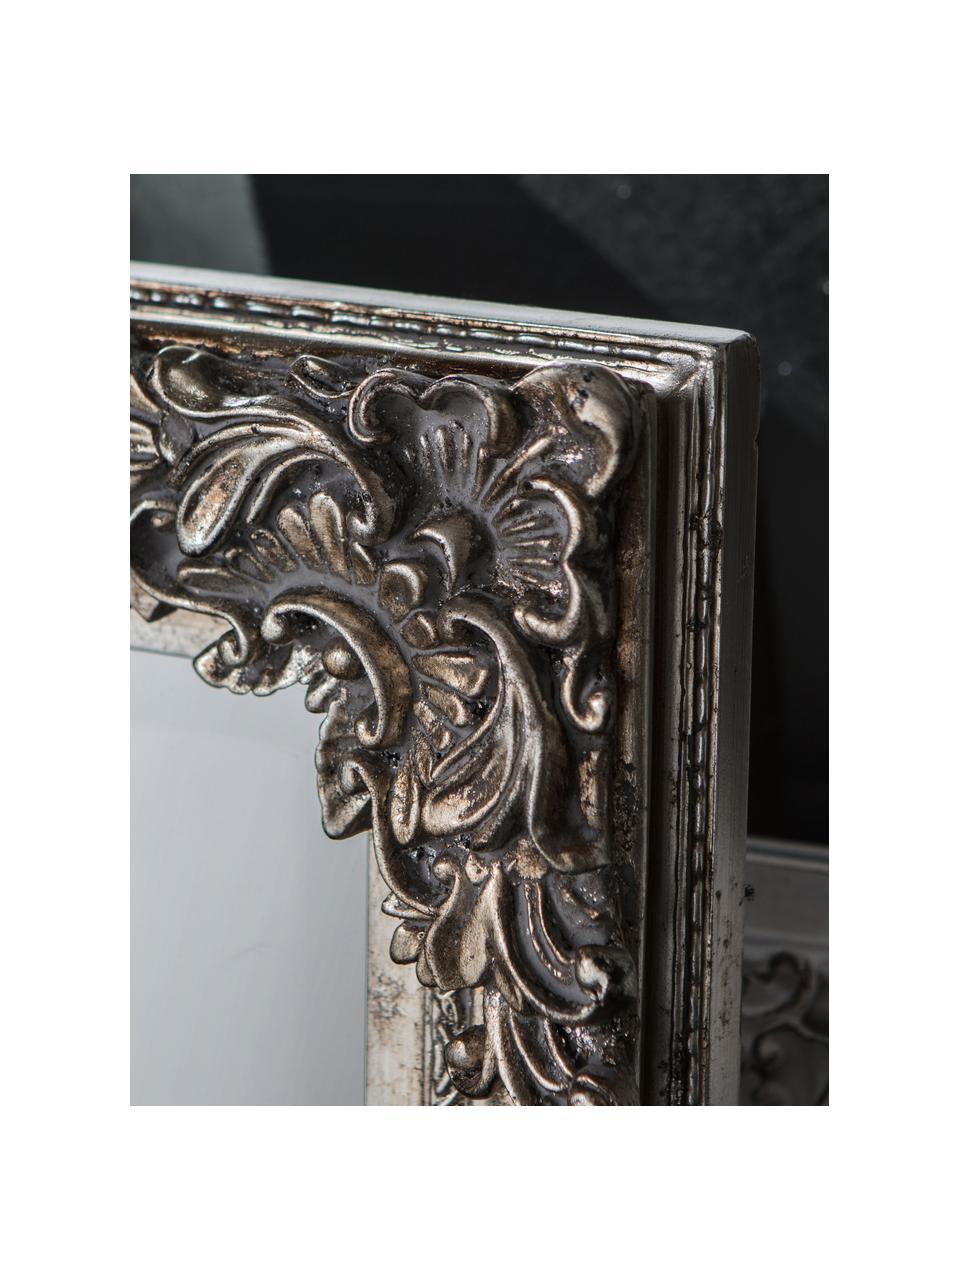 Eckiger Wandspiegel Fiennes mit silbernem Holzrahmen, Rahmen: Holz, lackiert, Spiegelfläche: Spiegelglas, Silberfarben, 70 x 103 cm